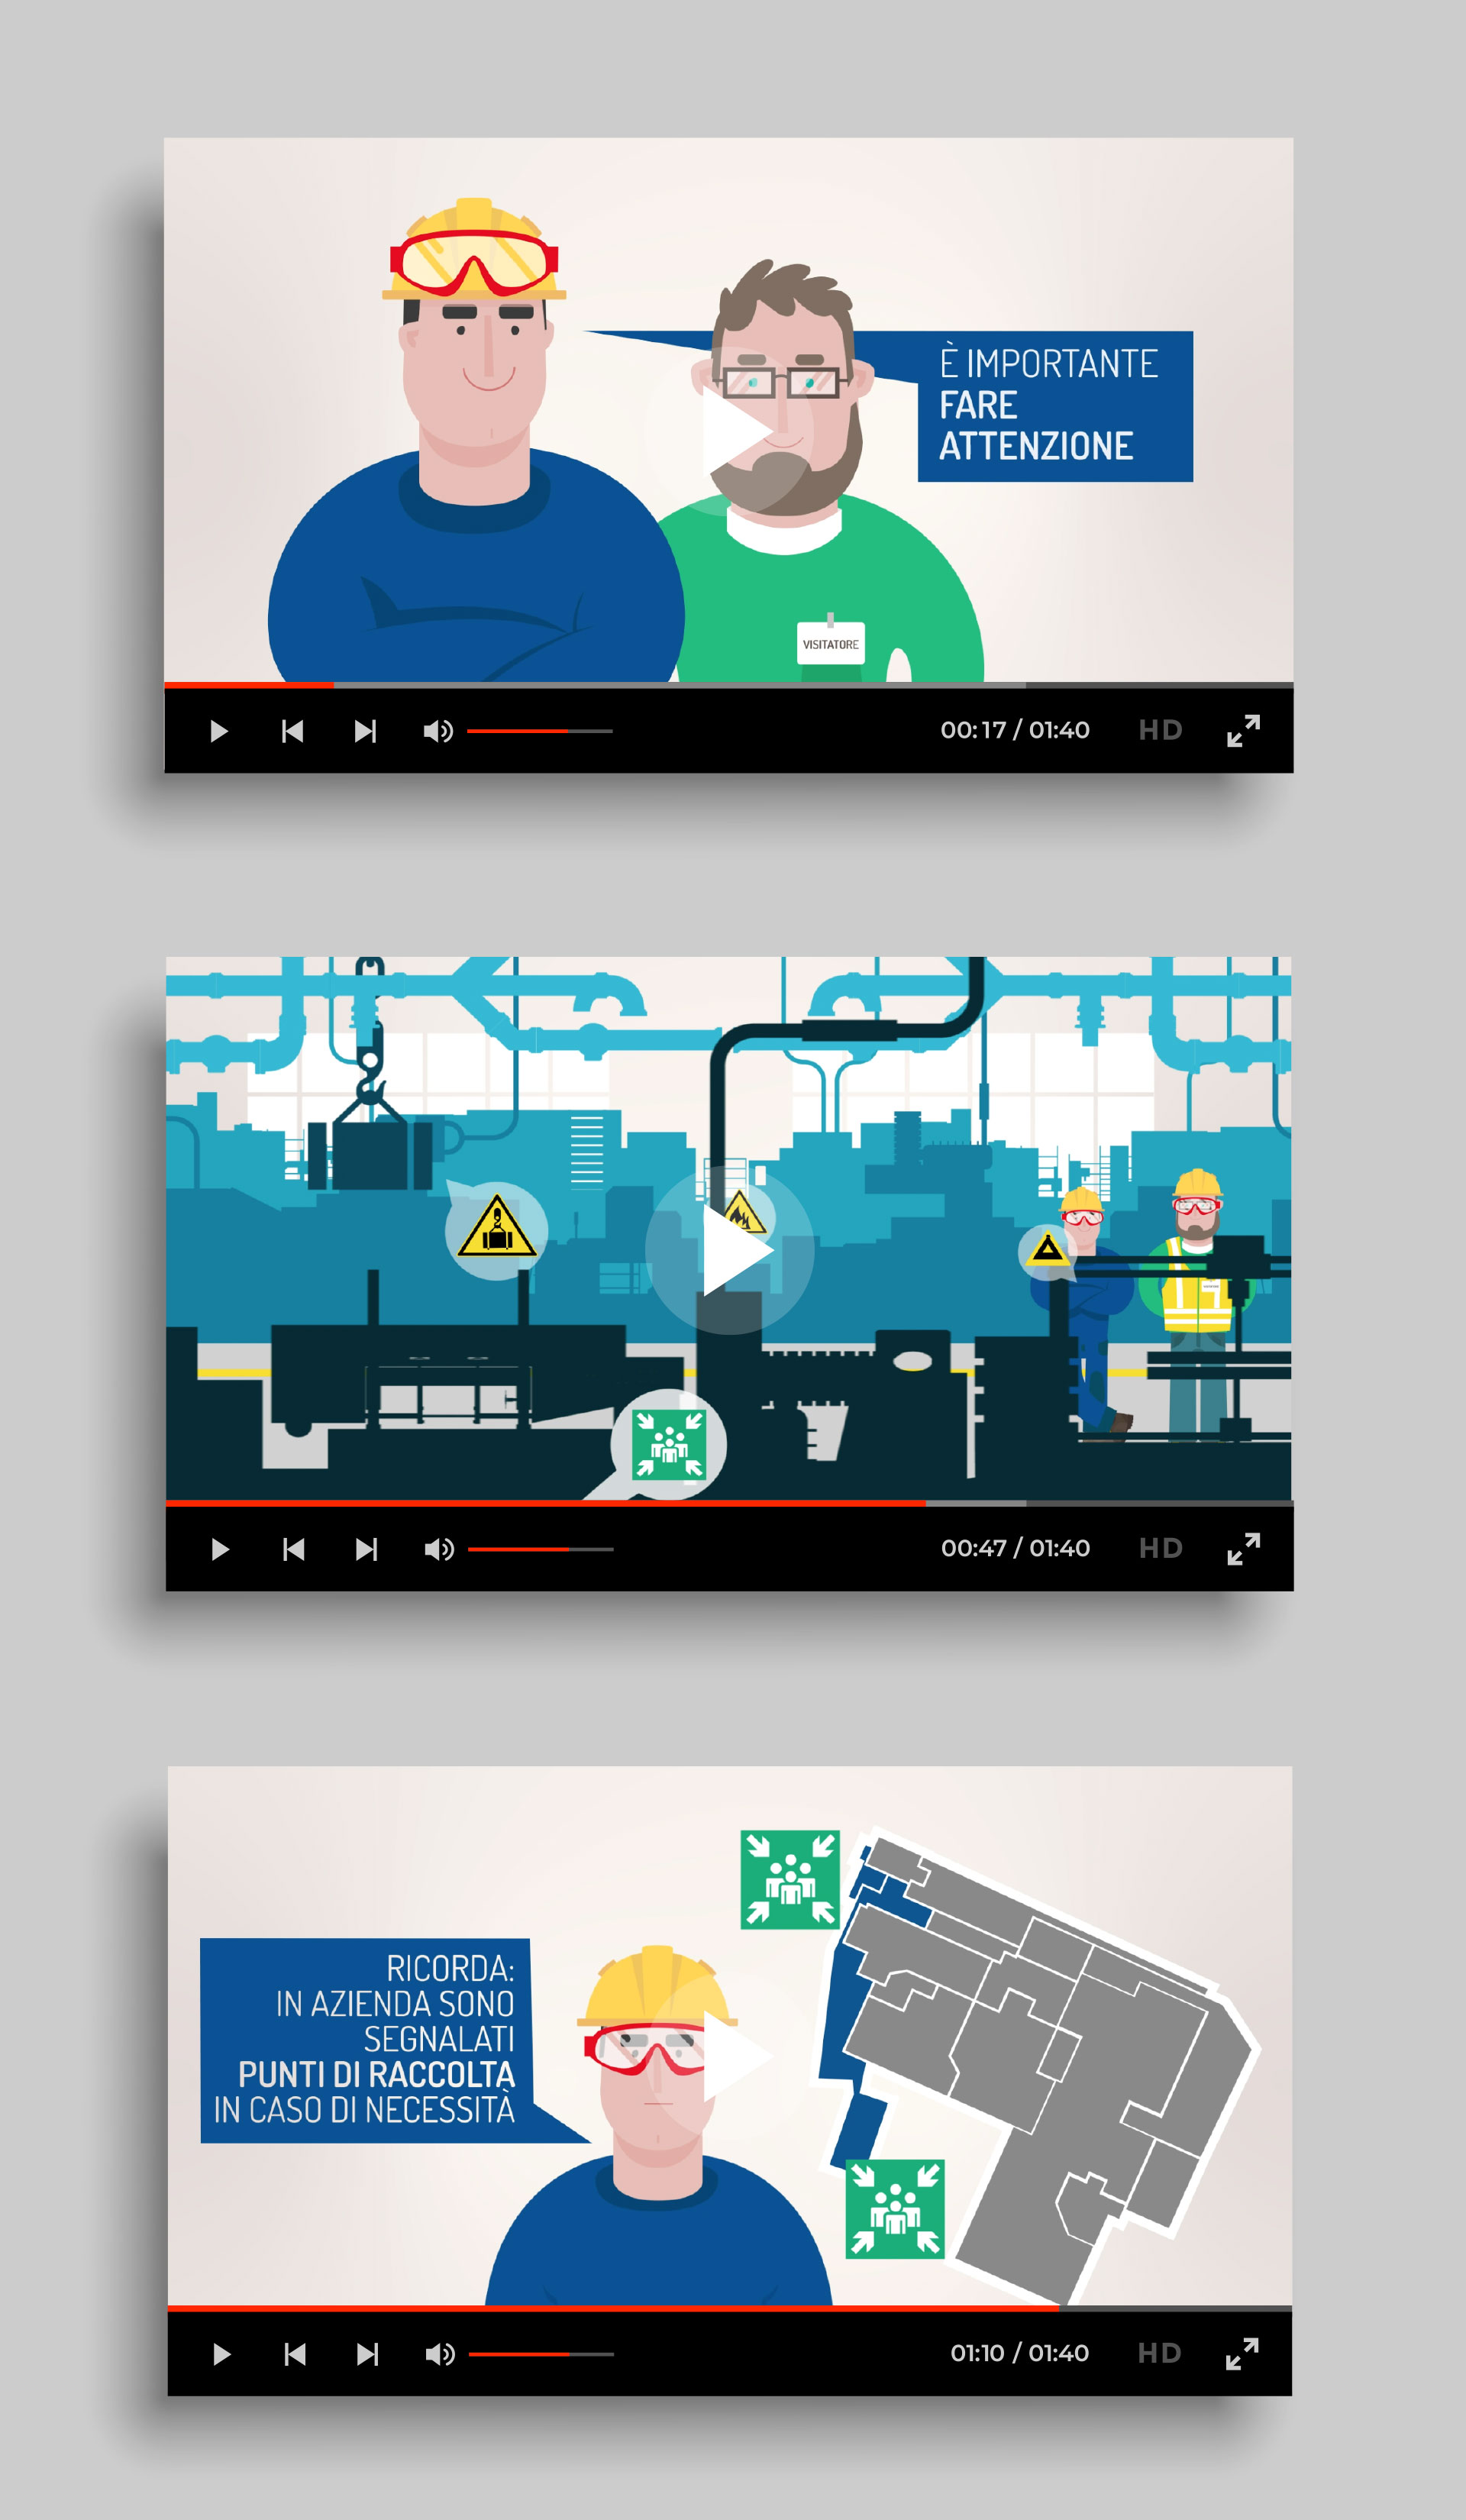 Frame dell'animazione digitale